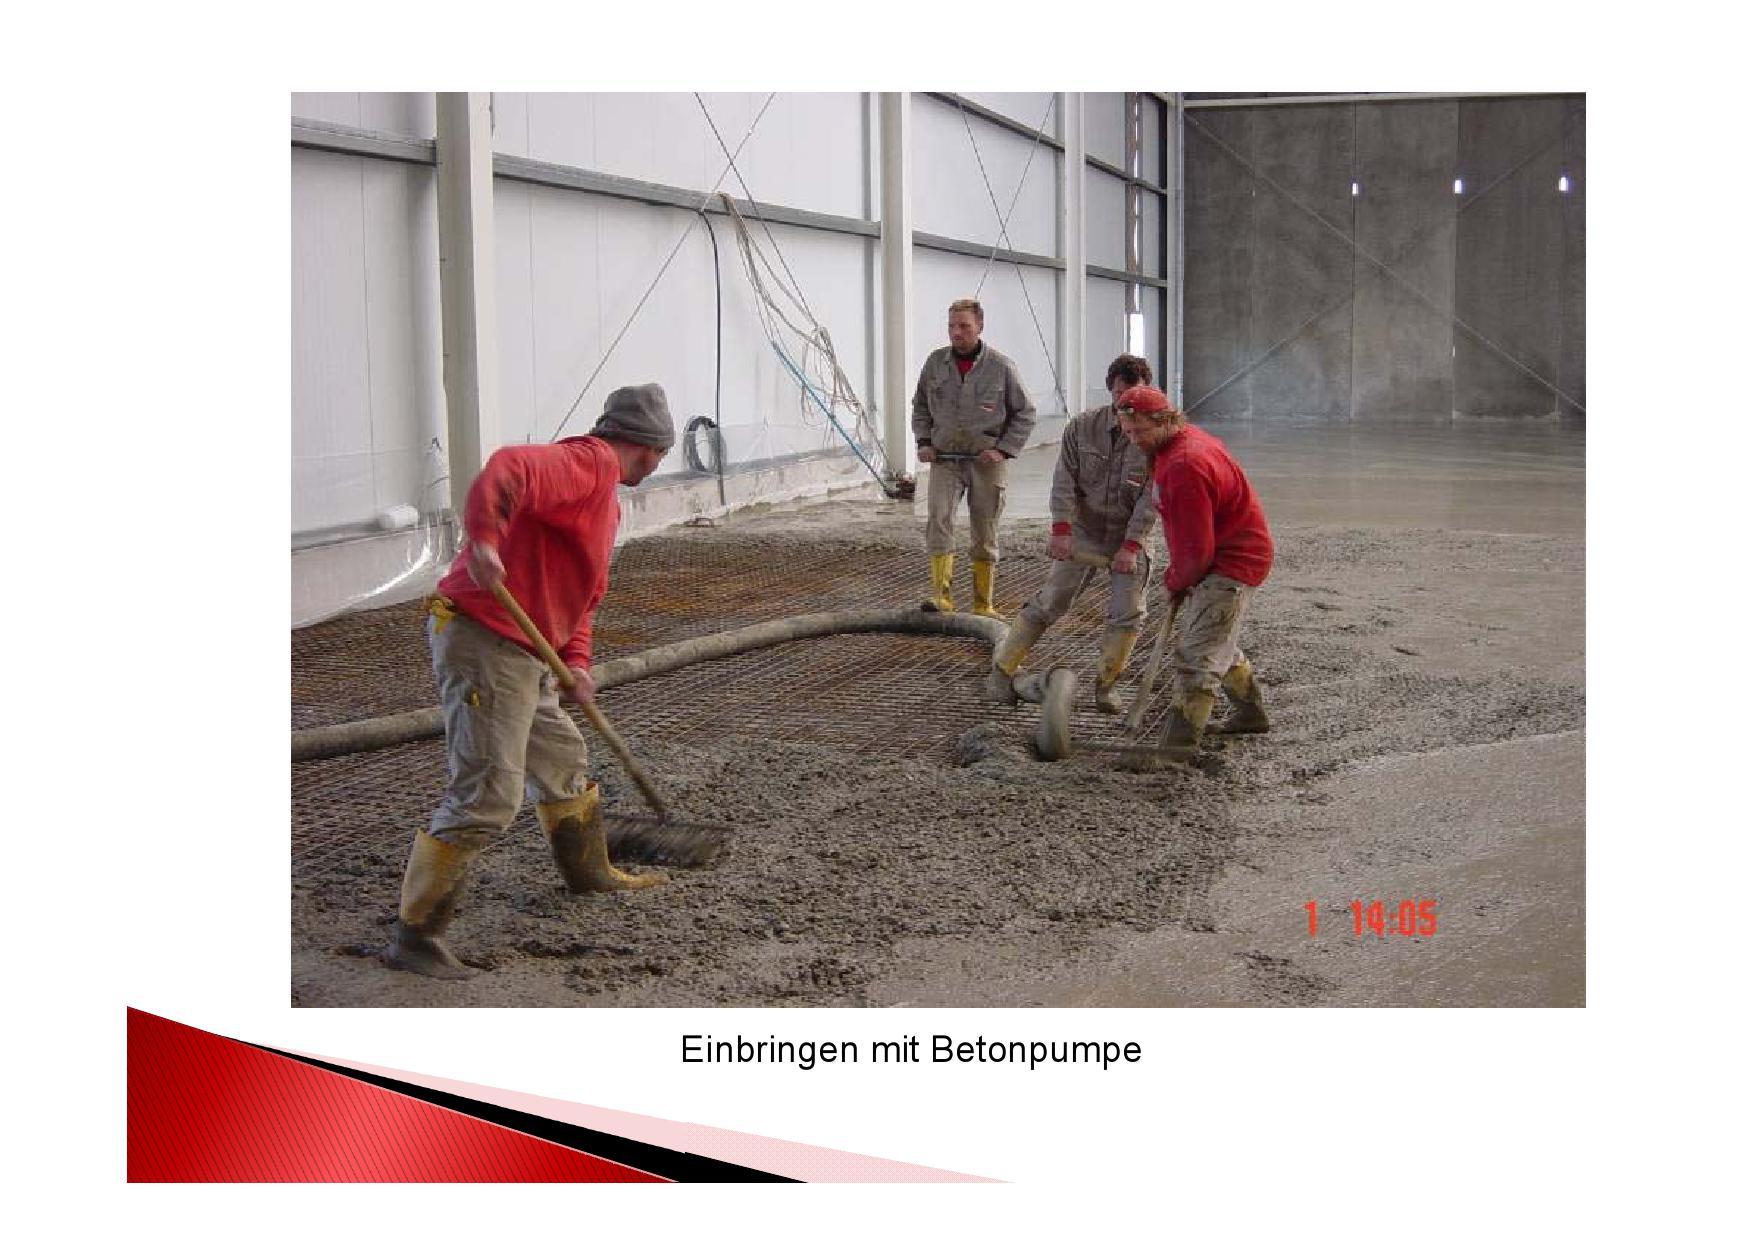 Einbringen Beton mit Betonpumpe in Lagerhalle